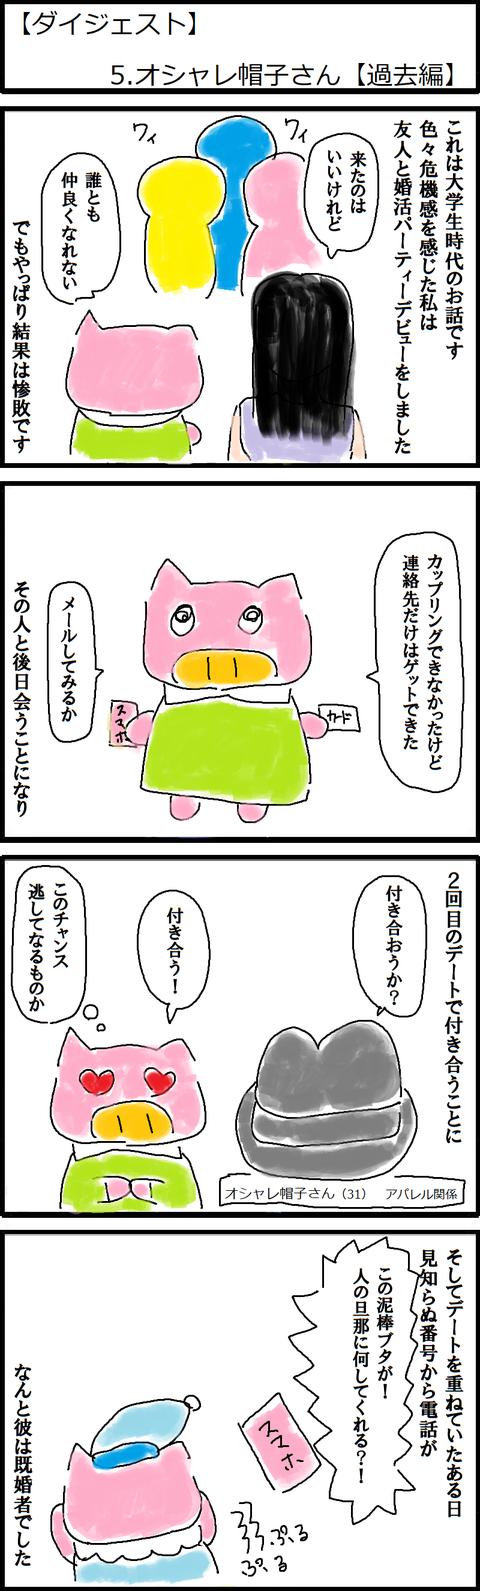 【ダイジェスト】5.オシャレ帽子さん【過去編】